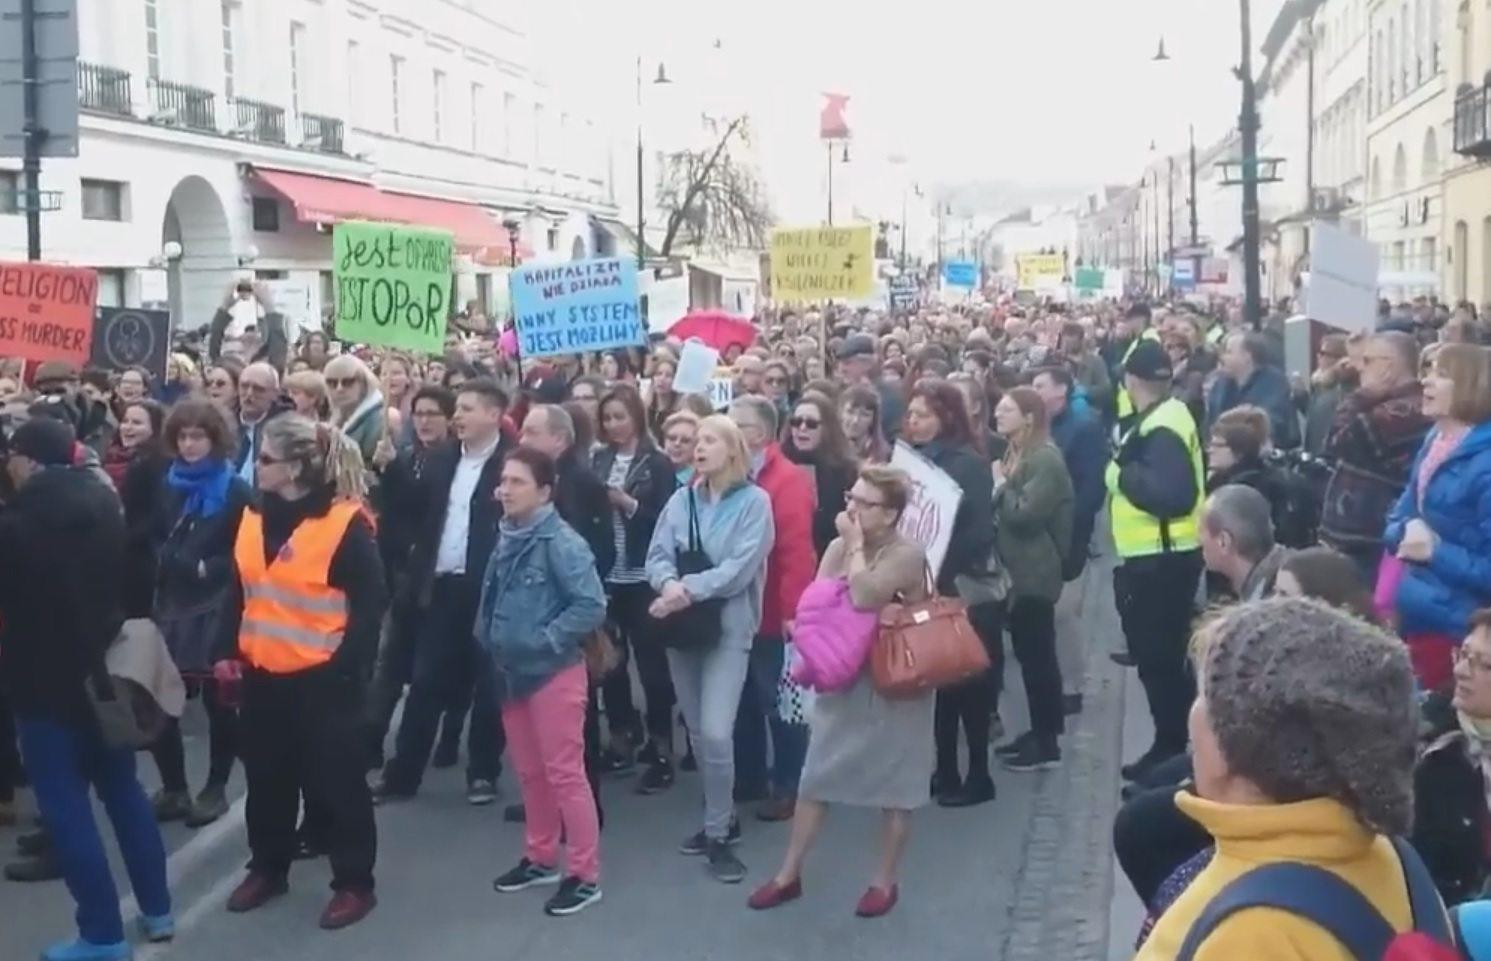 """Hasło z warszawskiej Manify hitem sieci. """"Tak absurdalnego jeszcze nie było!"""" (foto + video)"""